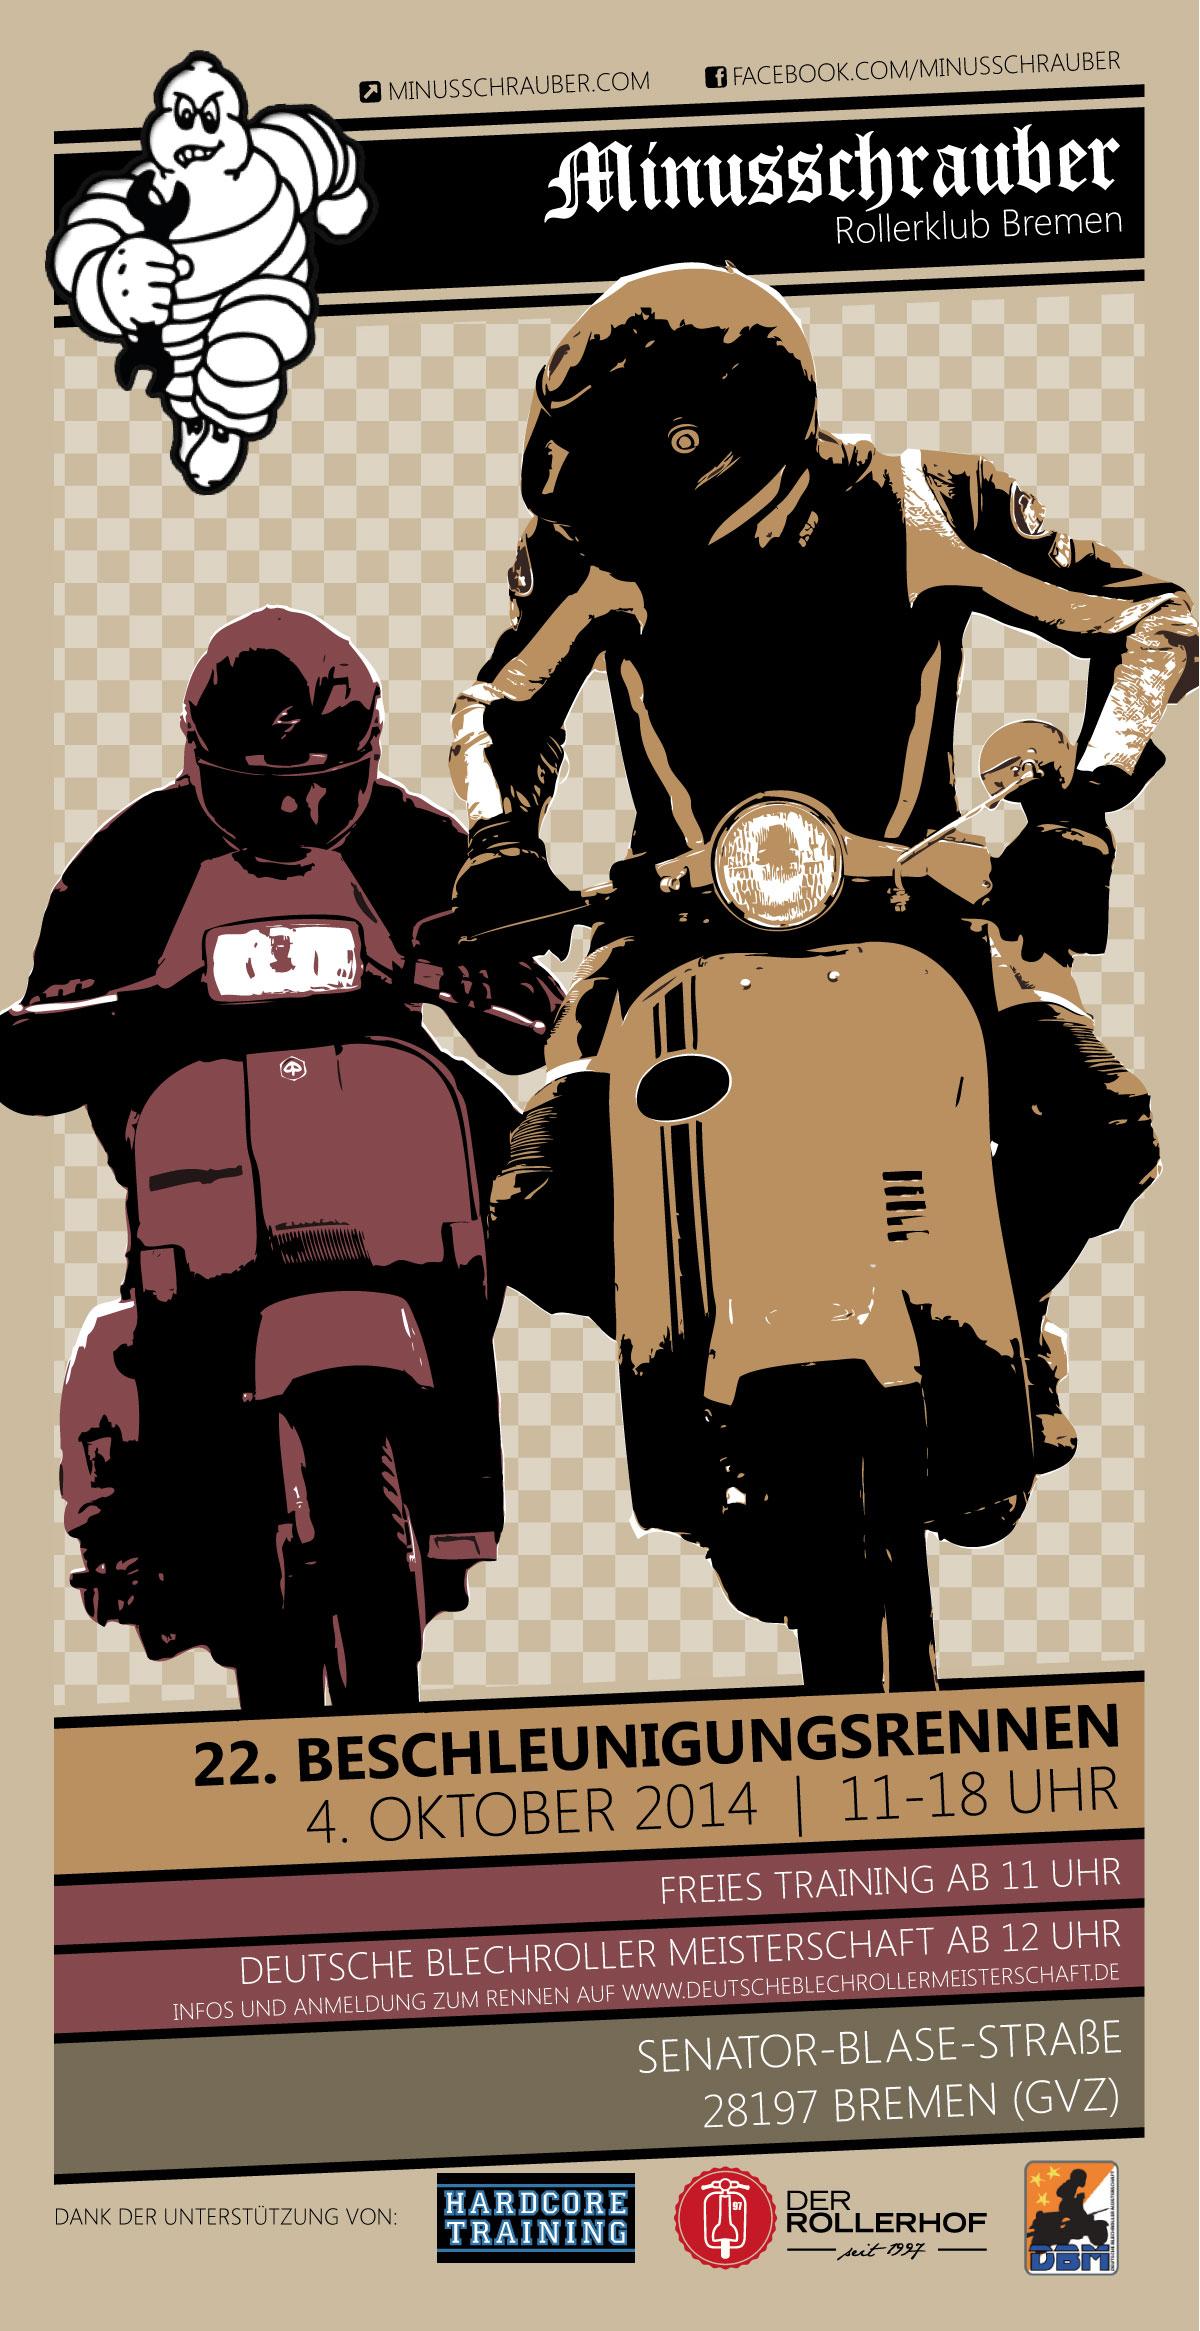 Flyer Minusschrauber Rollerklub Beschleunigungsrennen 2014